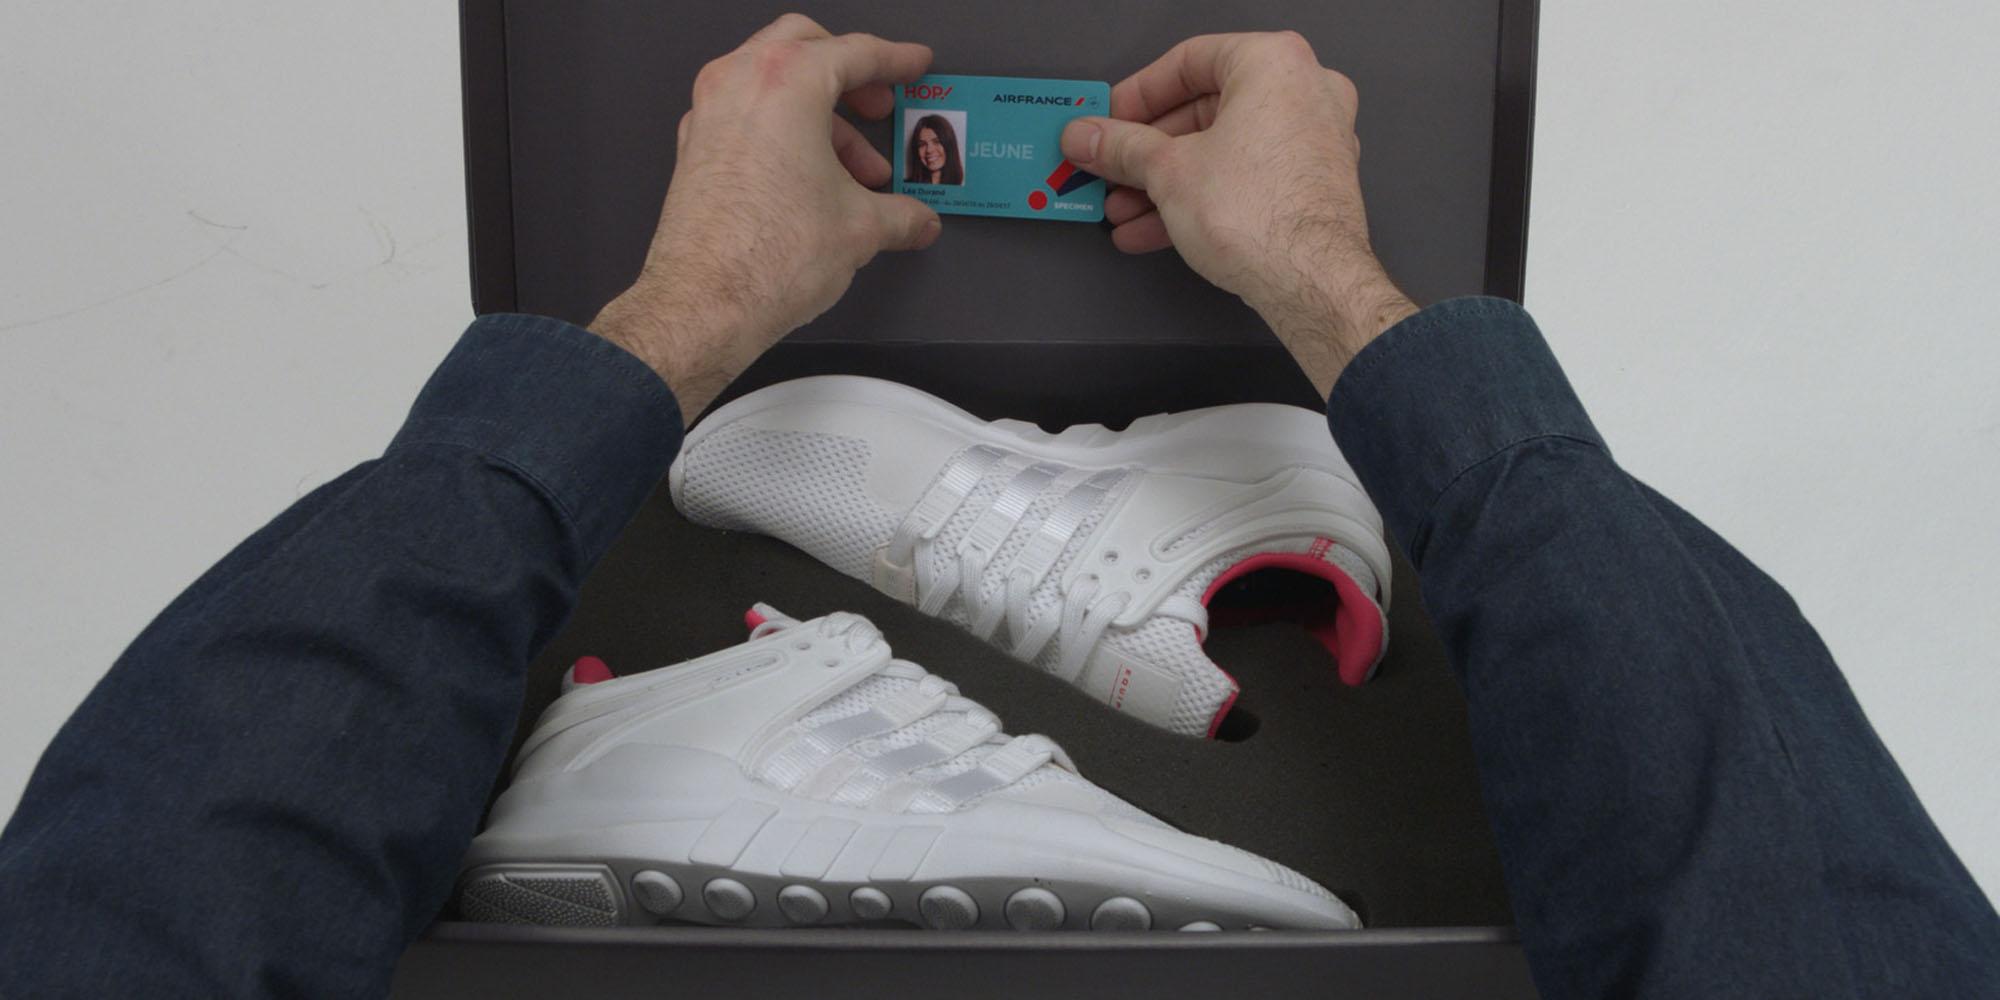 Les boîtes à chaussures personnalisées contenaient la carte Jeune 12-24 ans de HOP ! et… une seule sneaker Adidas, l'autre devant être récupérée chez les parents